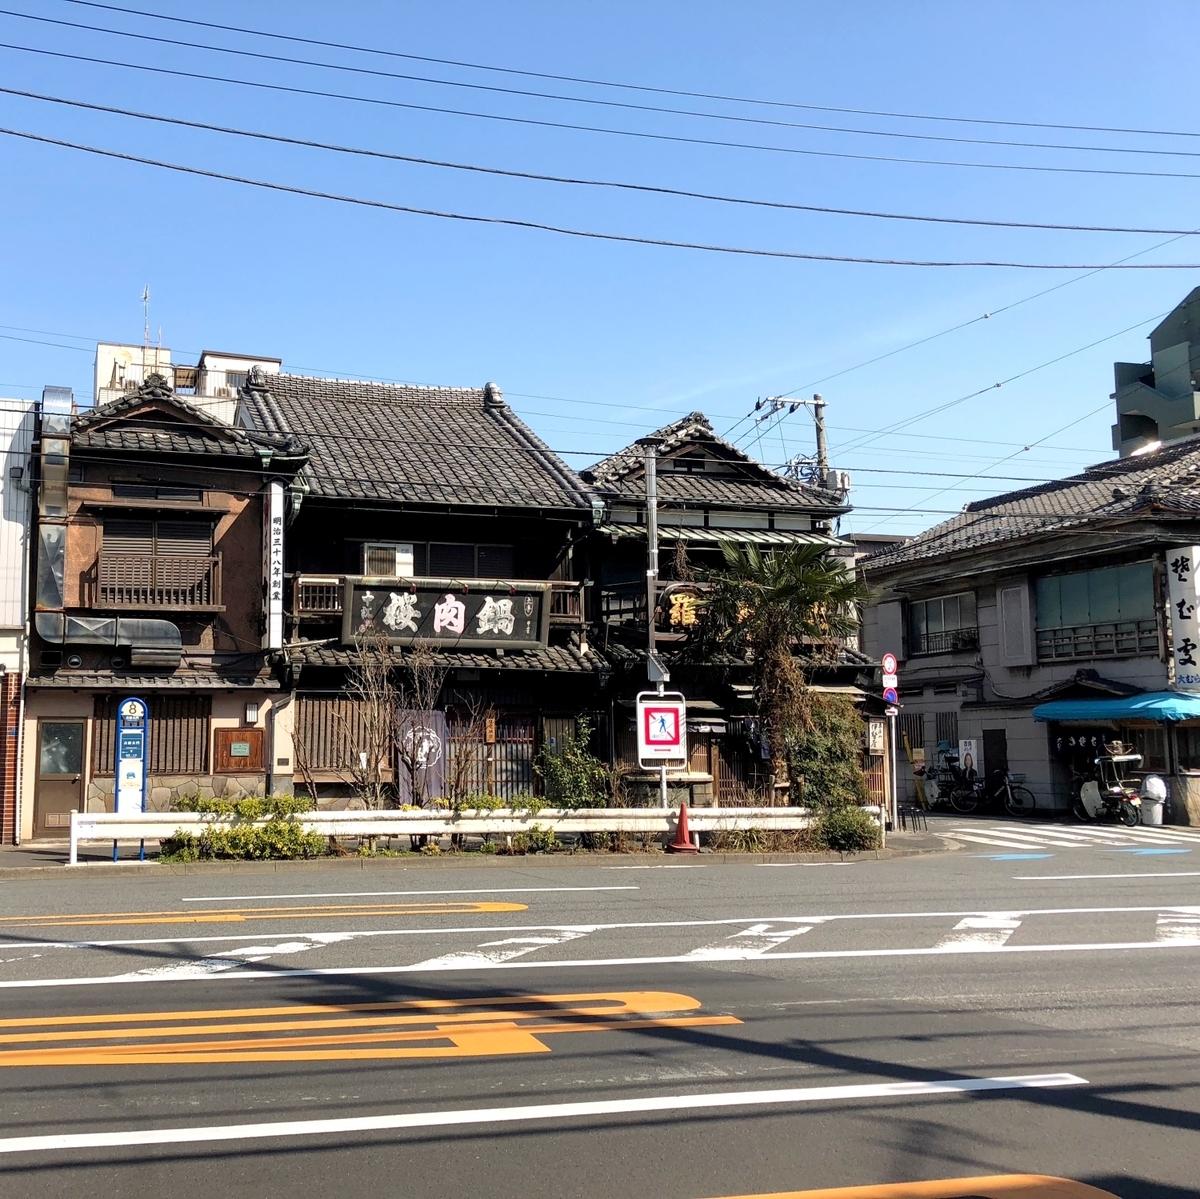 吉原の近くにある老舗のイメージ